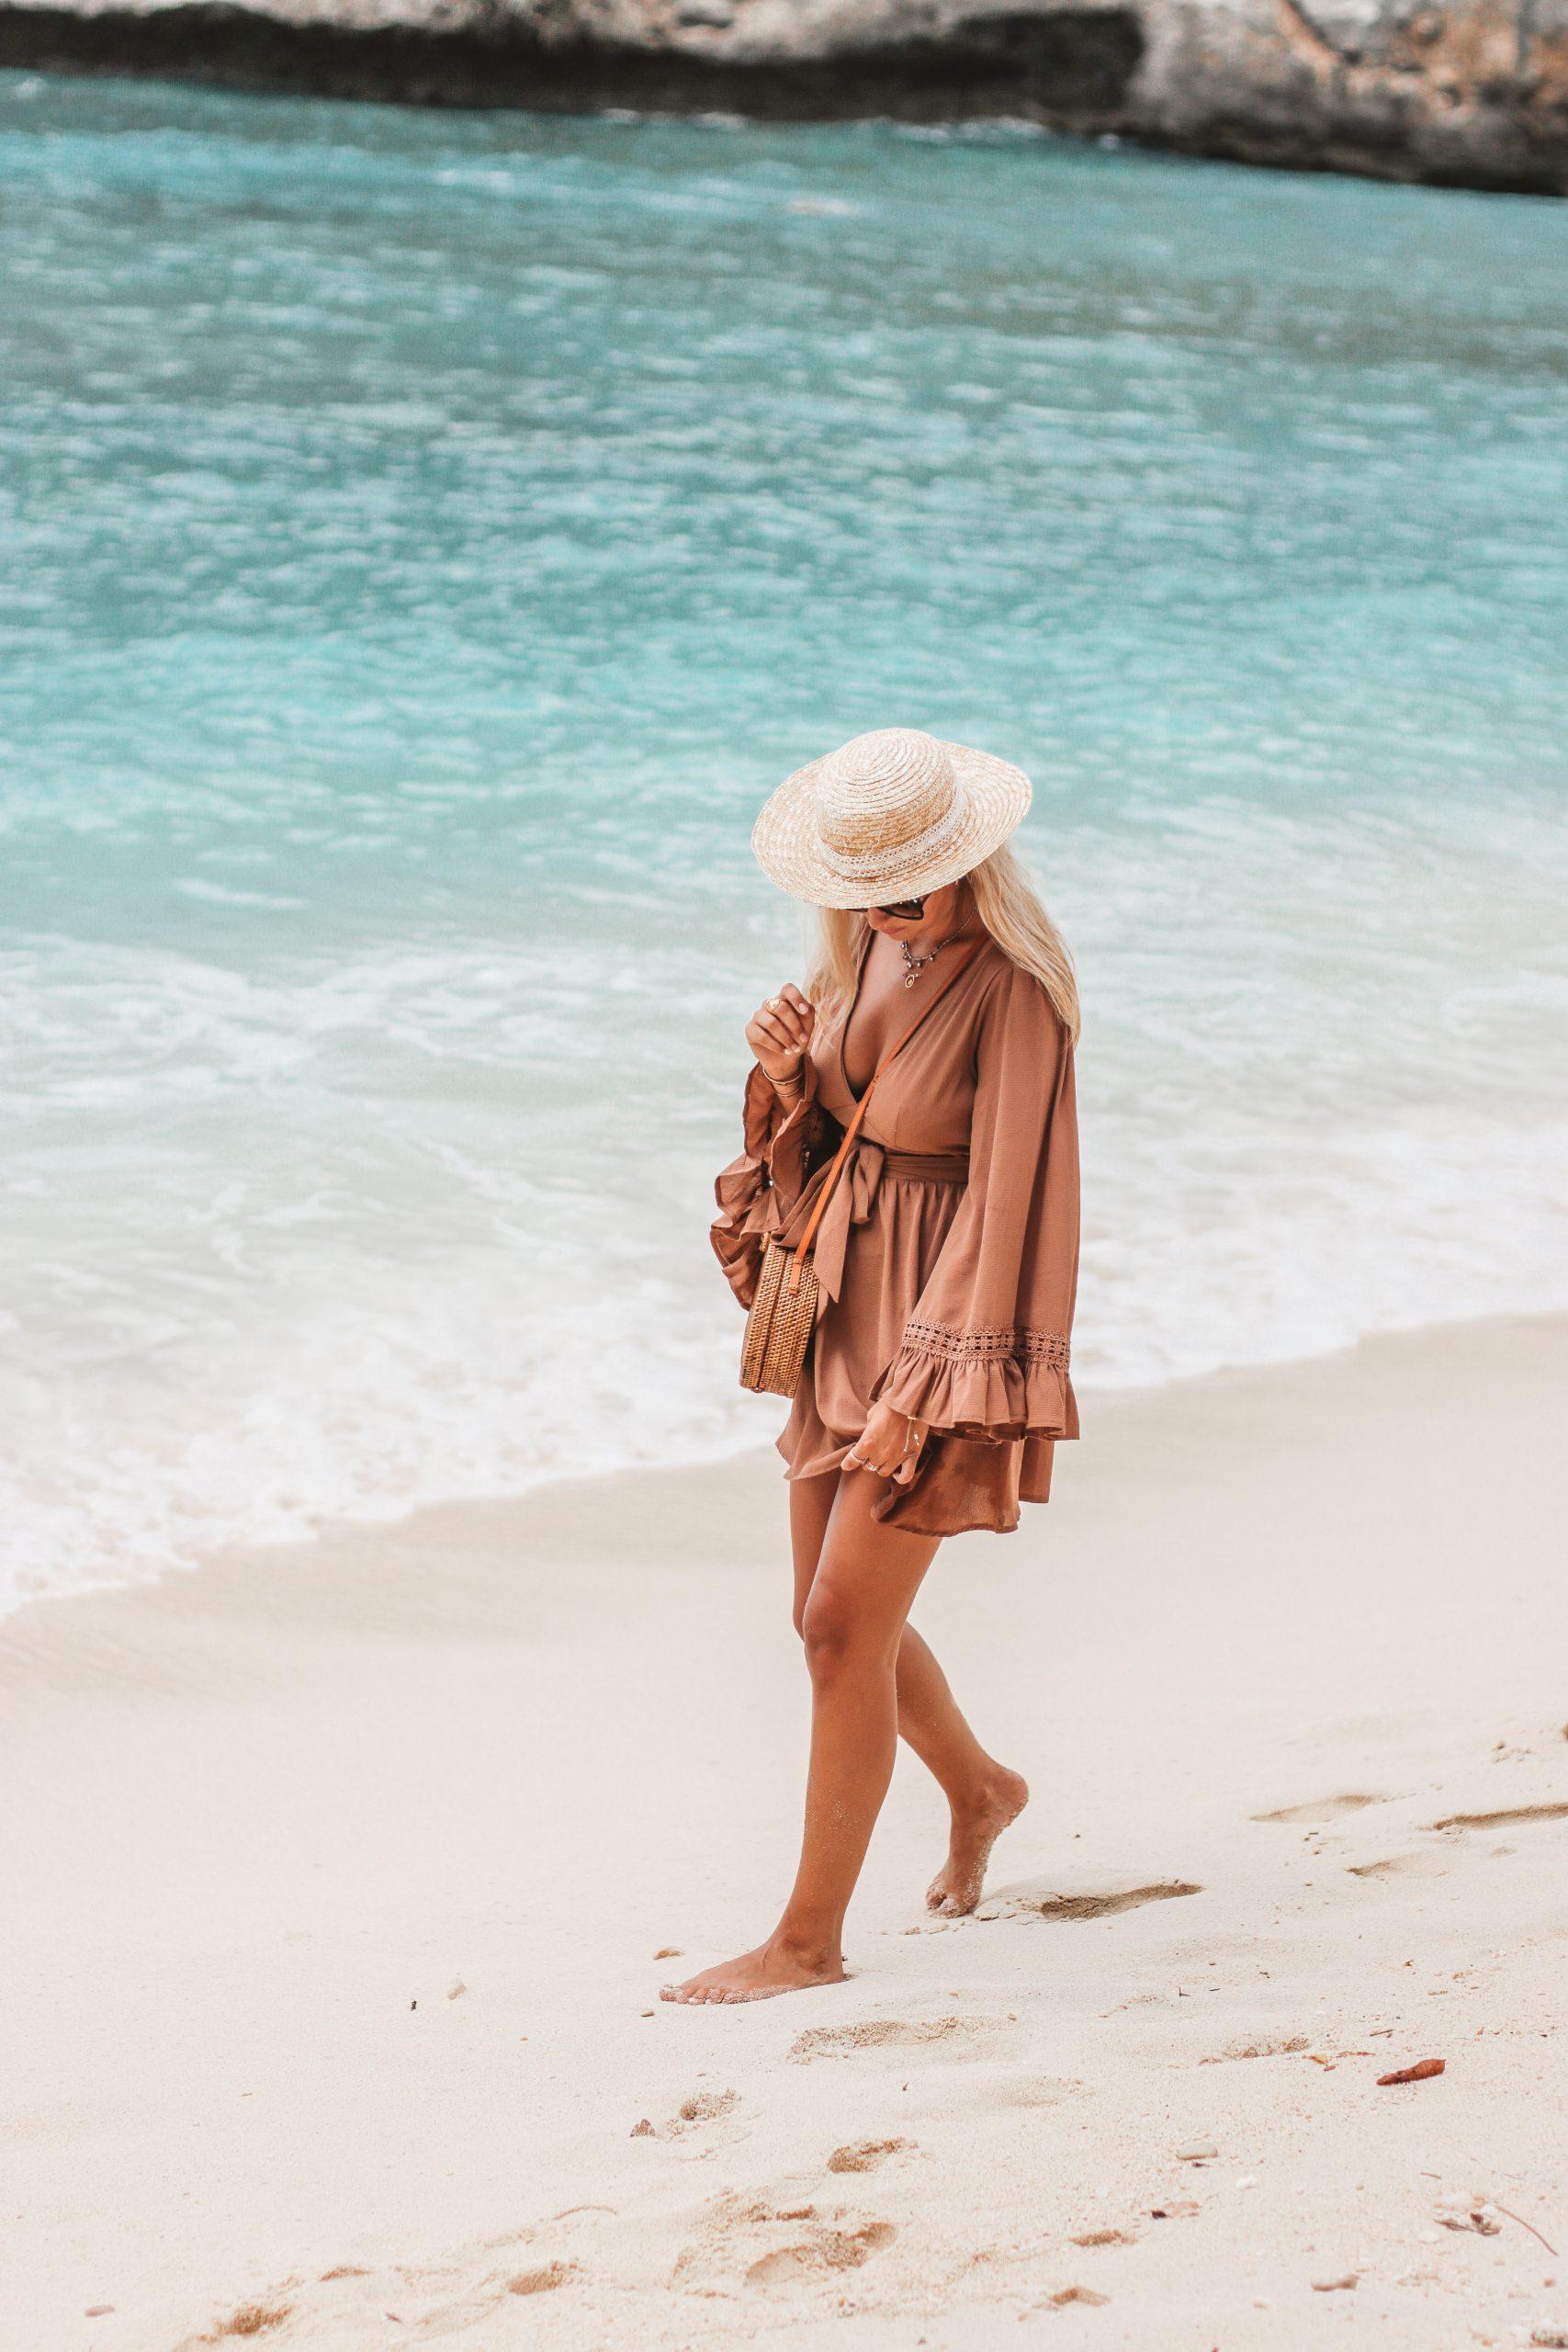 LOOK BALI Beach outfit in Bali // Atuh Beach // Fashion blogger